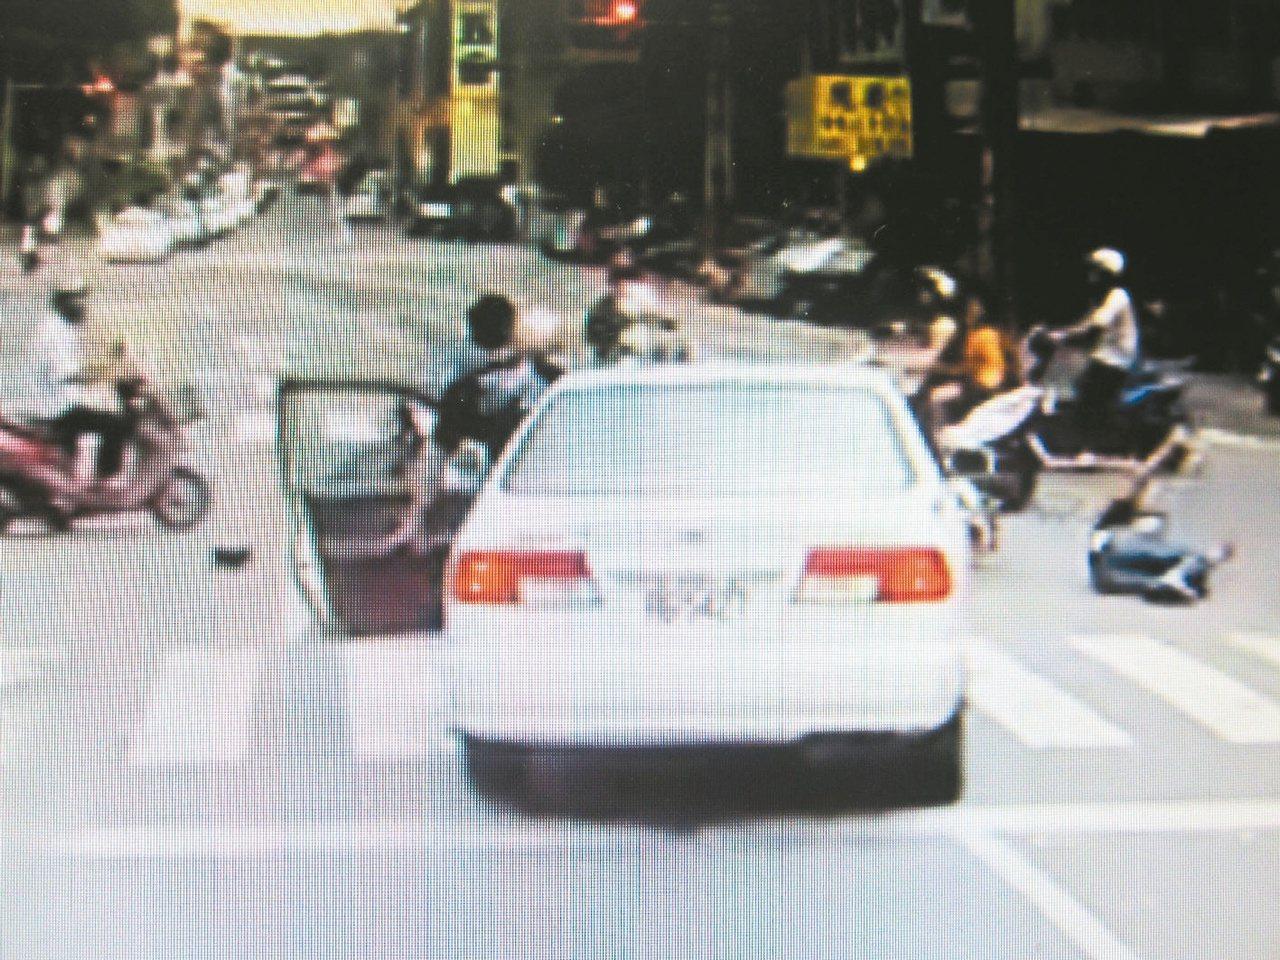 2012年7月,一輛白色轎車闖紅燈撞倒四輛機車,造成五名大人小孩倒地受傷,肇事駕...